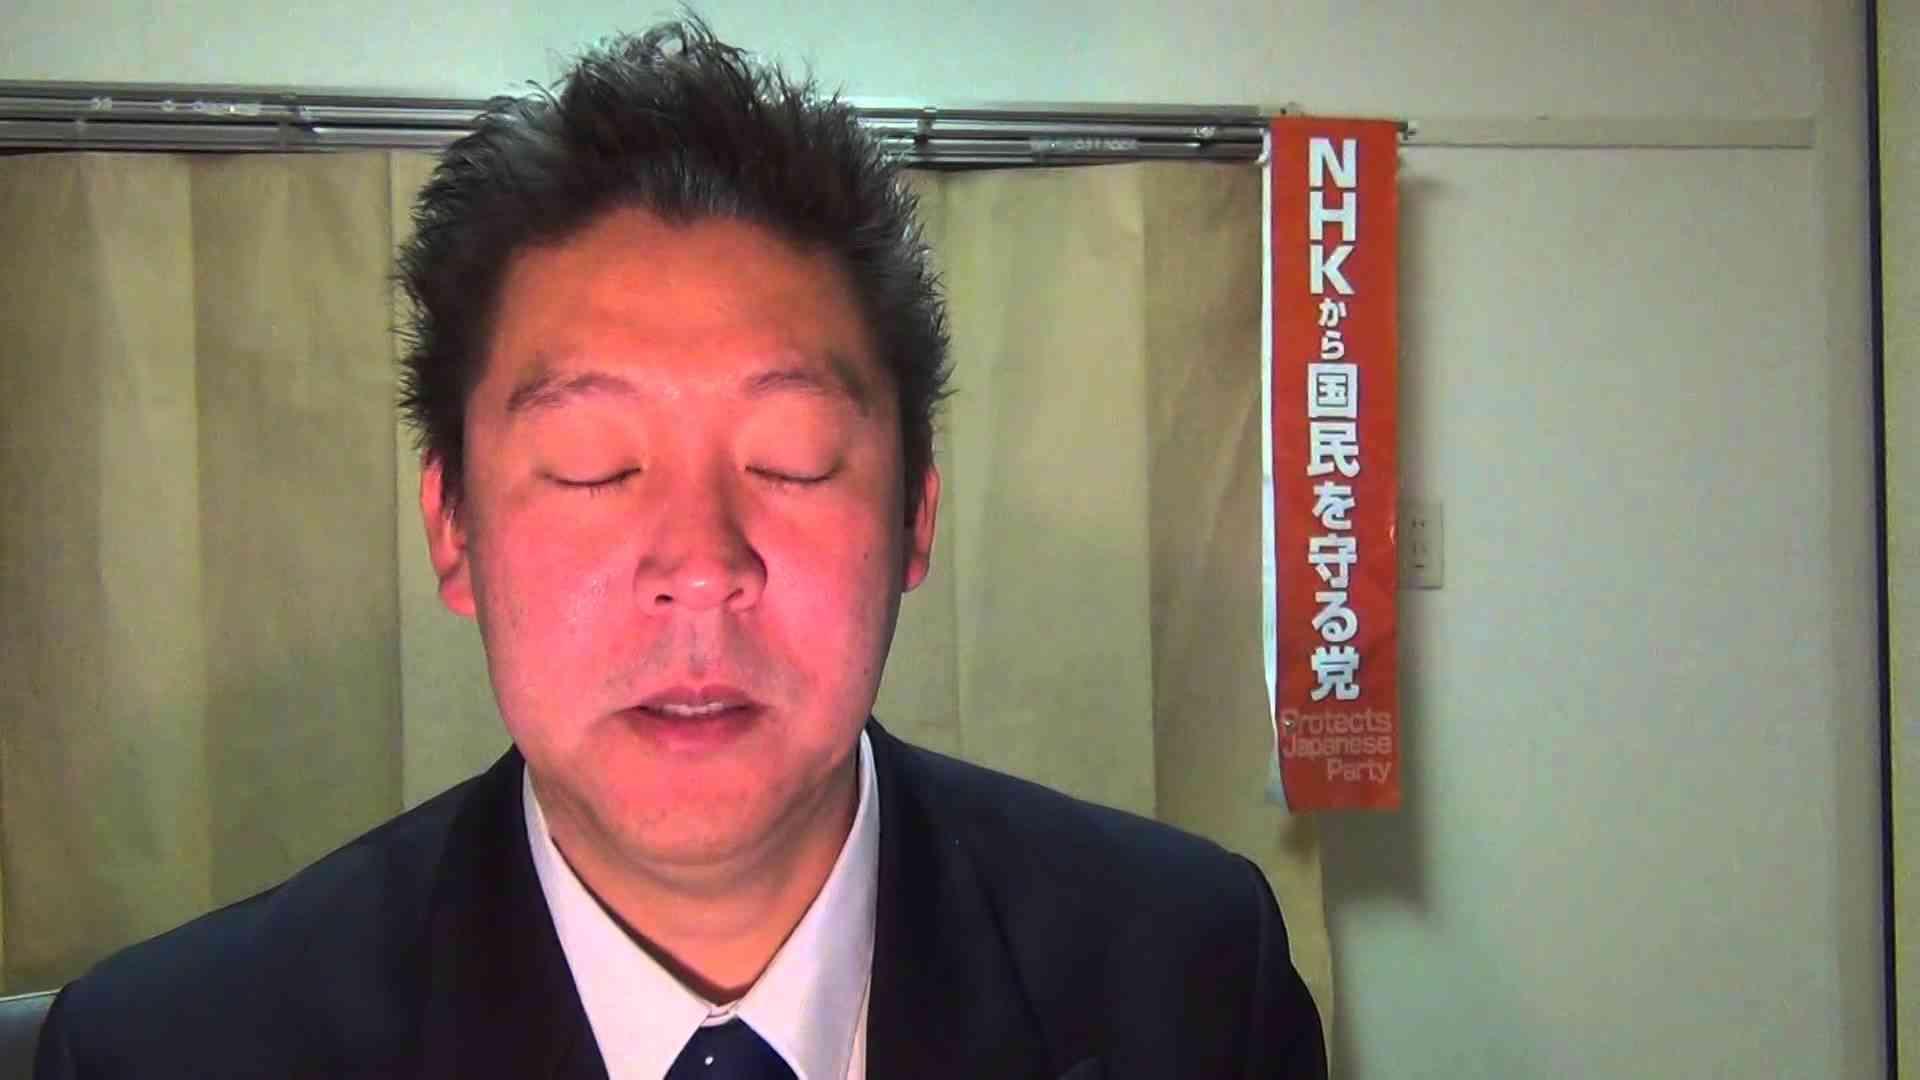 ミスインターナショナル吉松育美が芸能プロダクション谷口元一を訴えた事件3 - YouTube